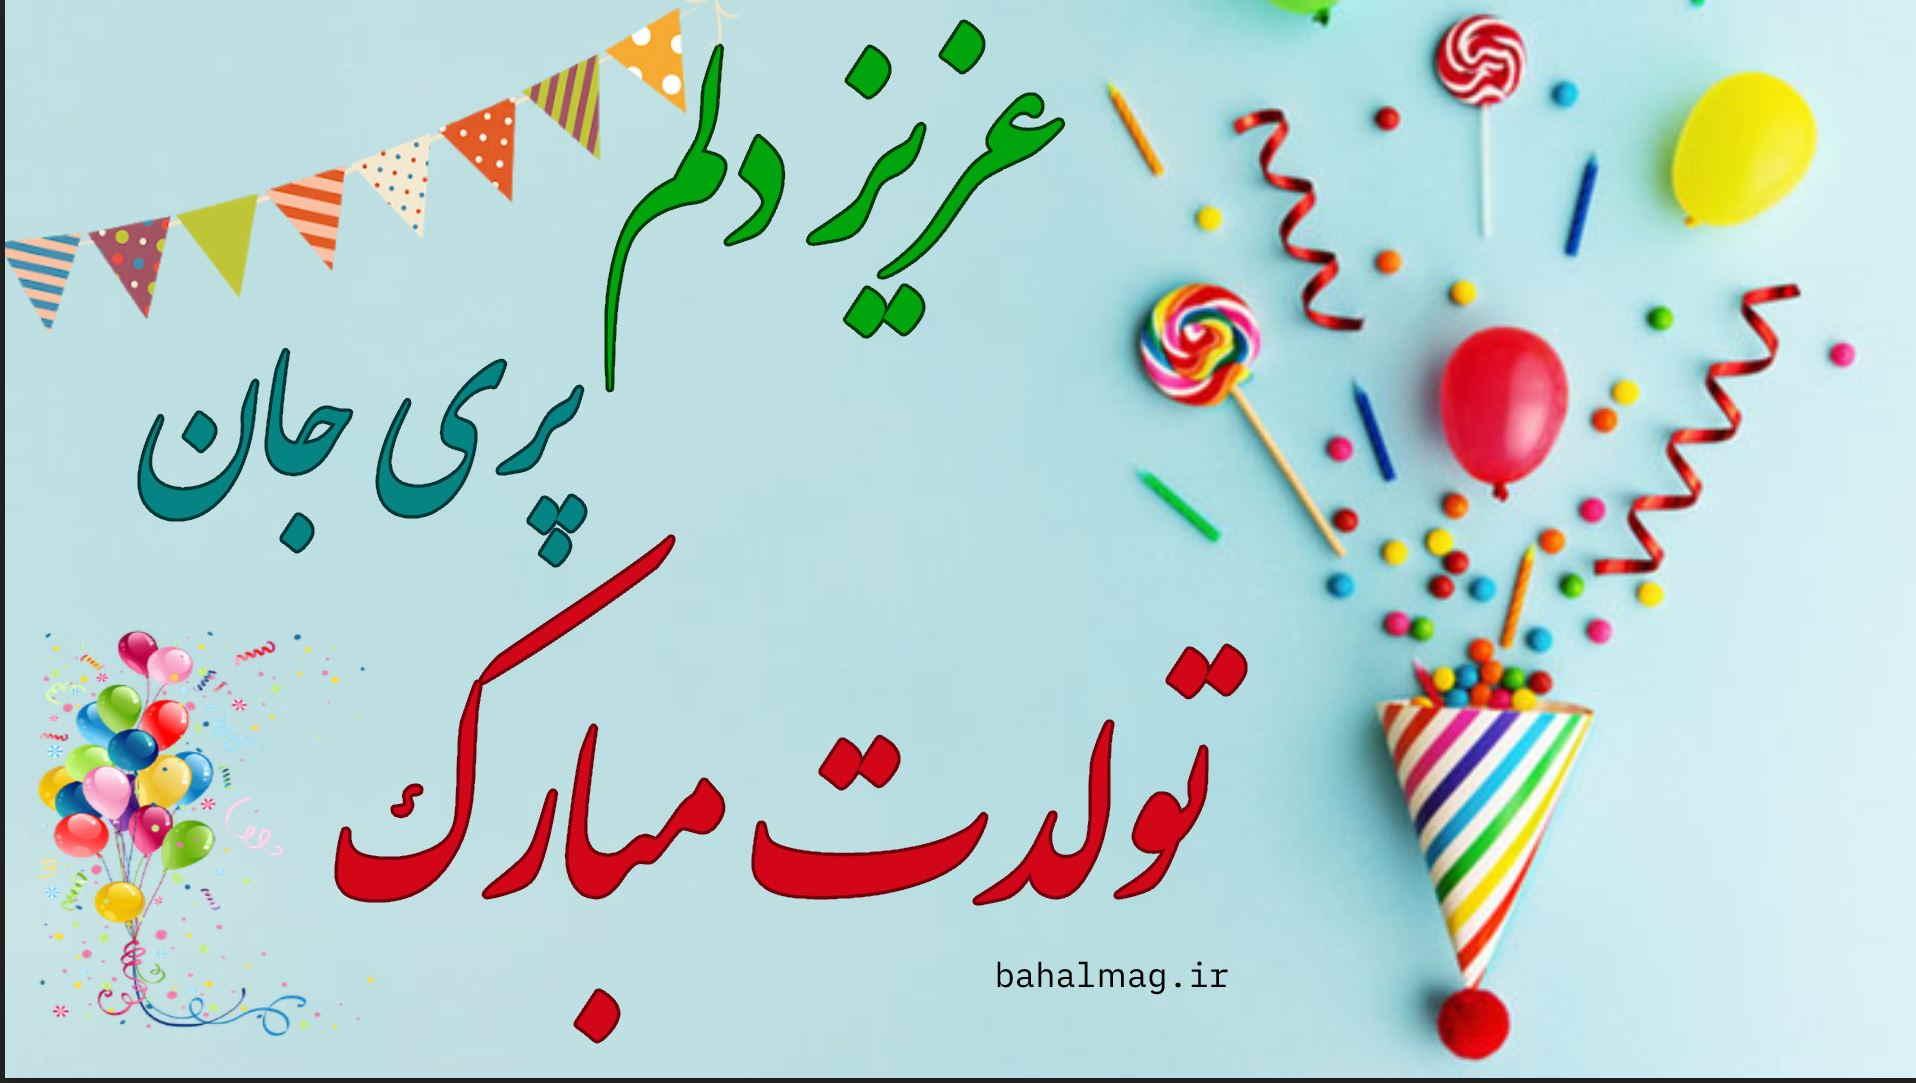 عزیز دلم پری جان تولدت مبارک باد